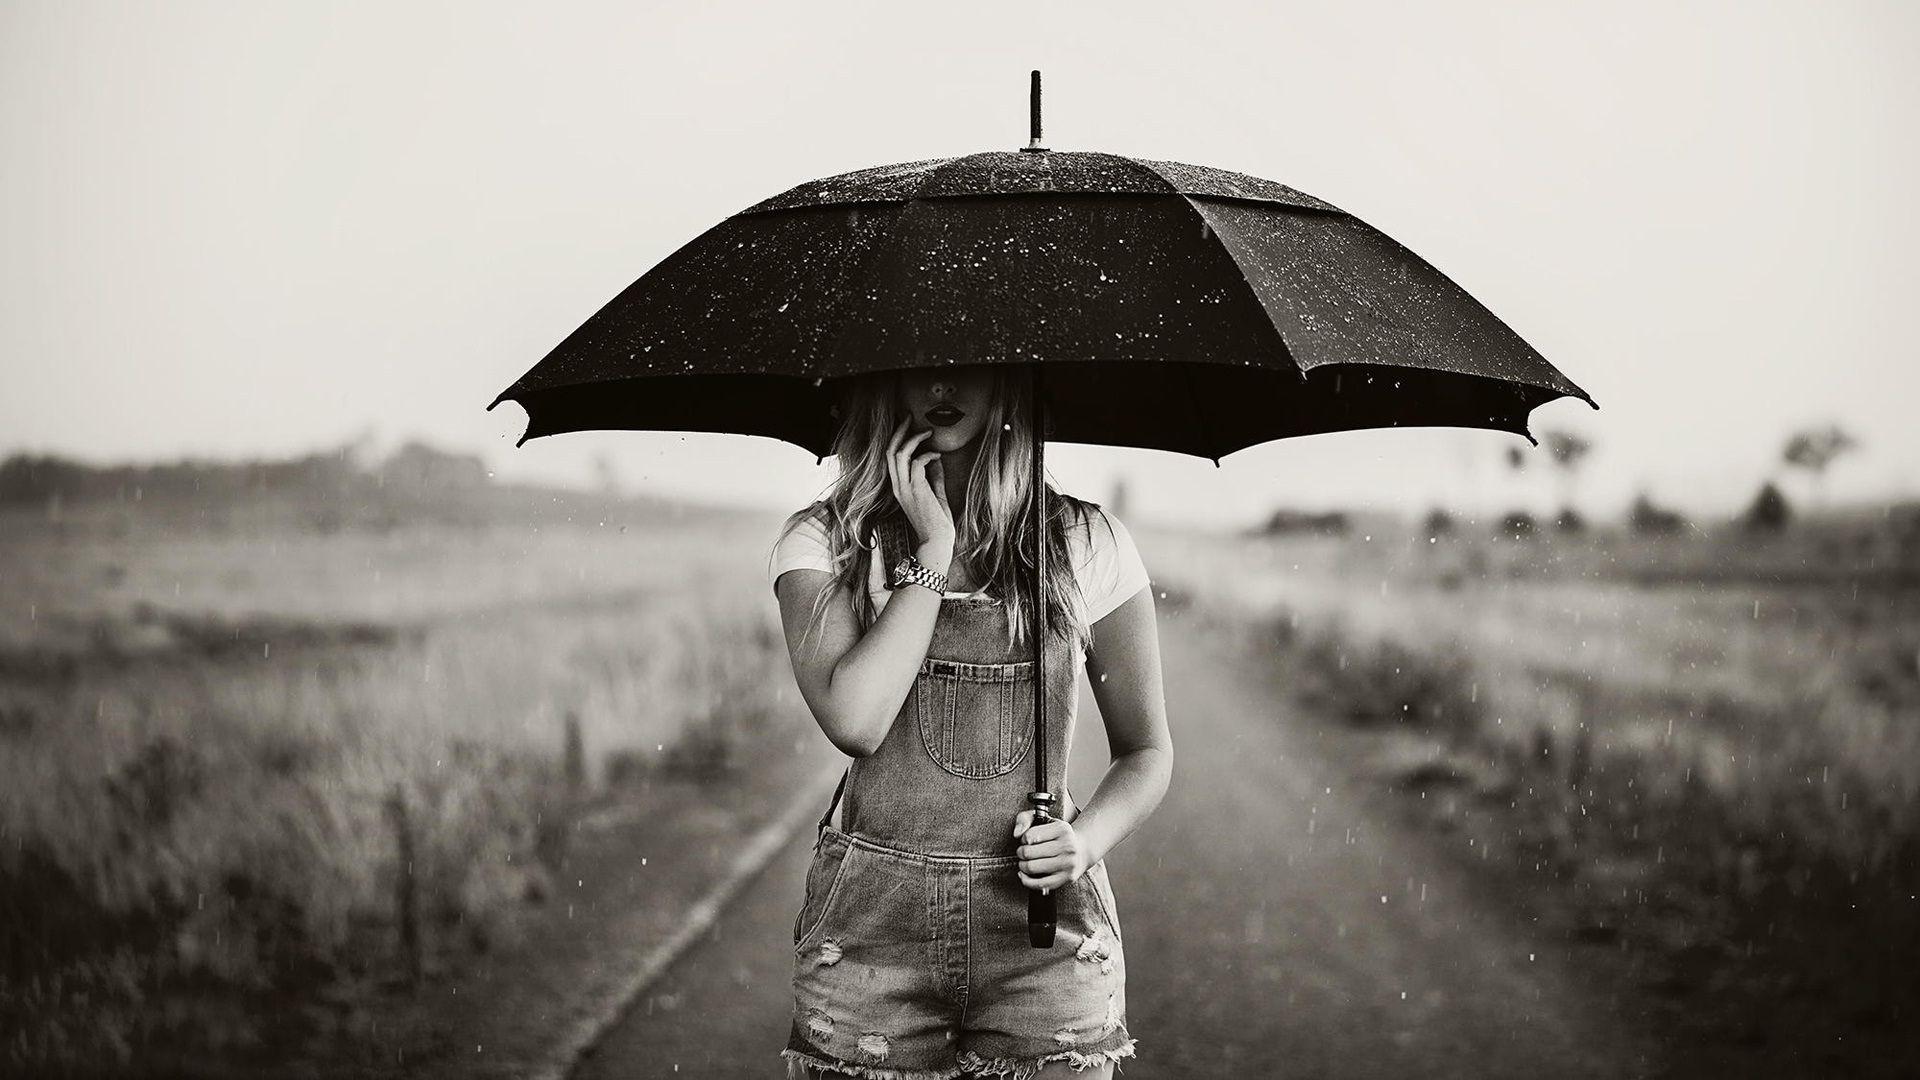 Alone Boy In Rain Wallpaper Hd The Best Hd Wallpaper Sad